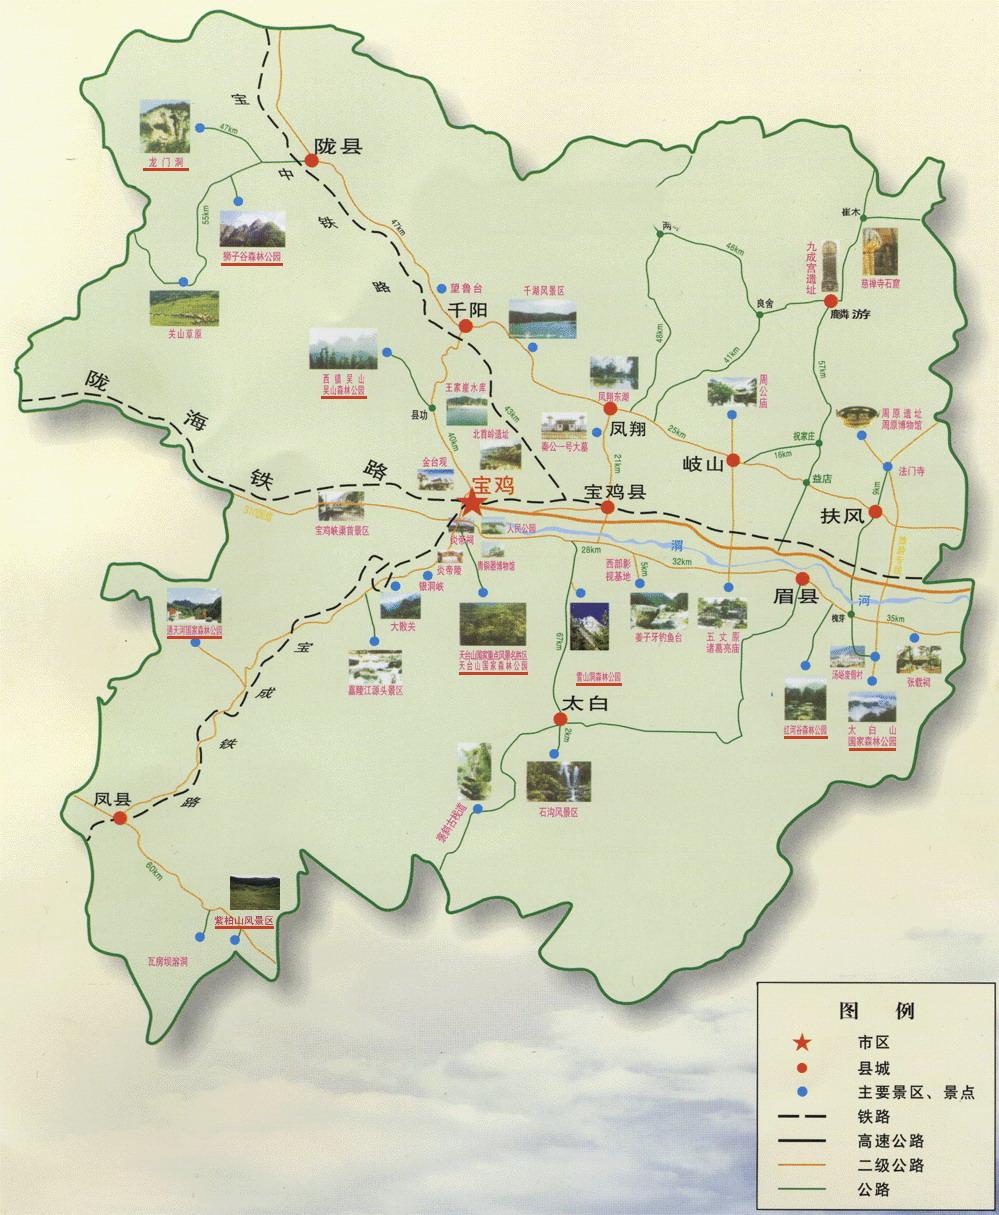 宝鶏/陳倉観光スポット分布ガイド地図